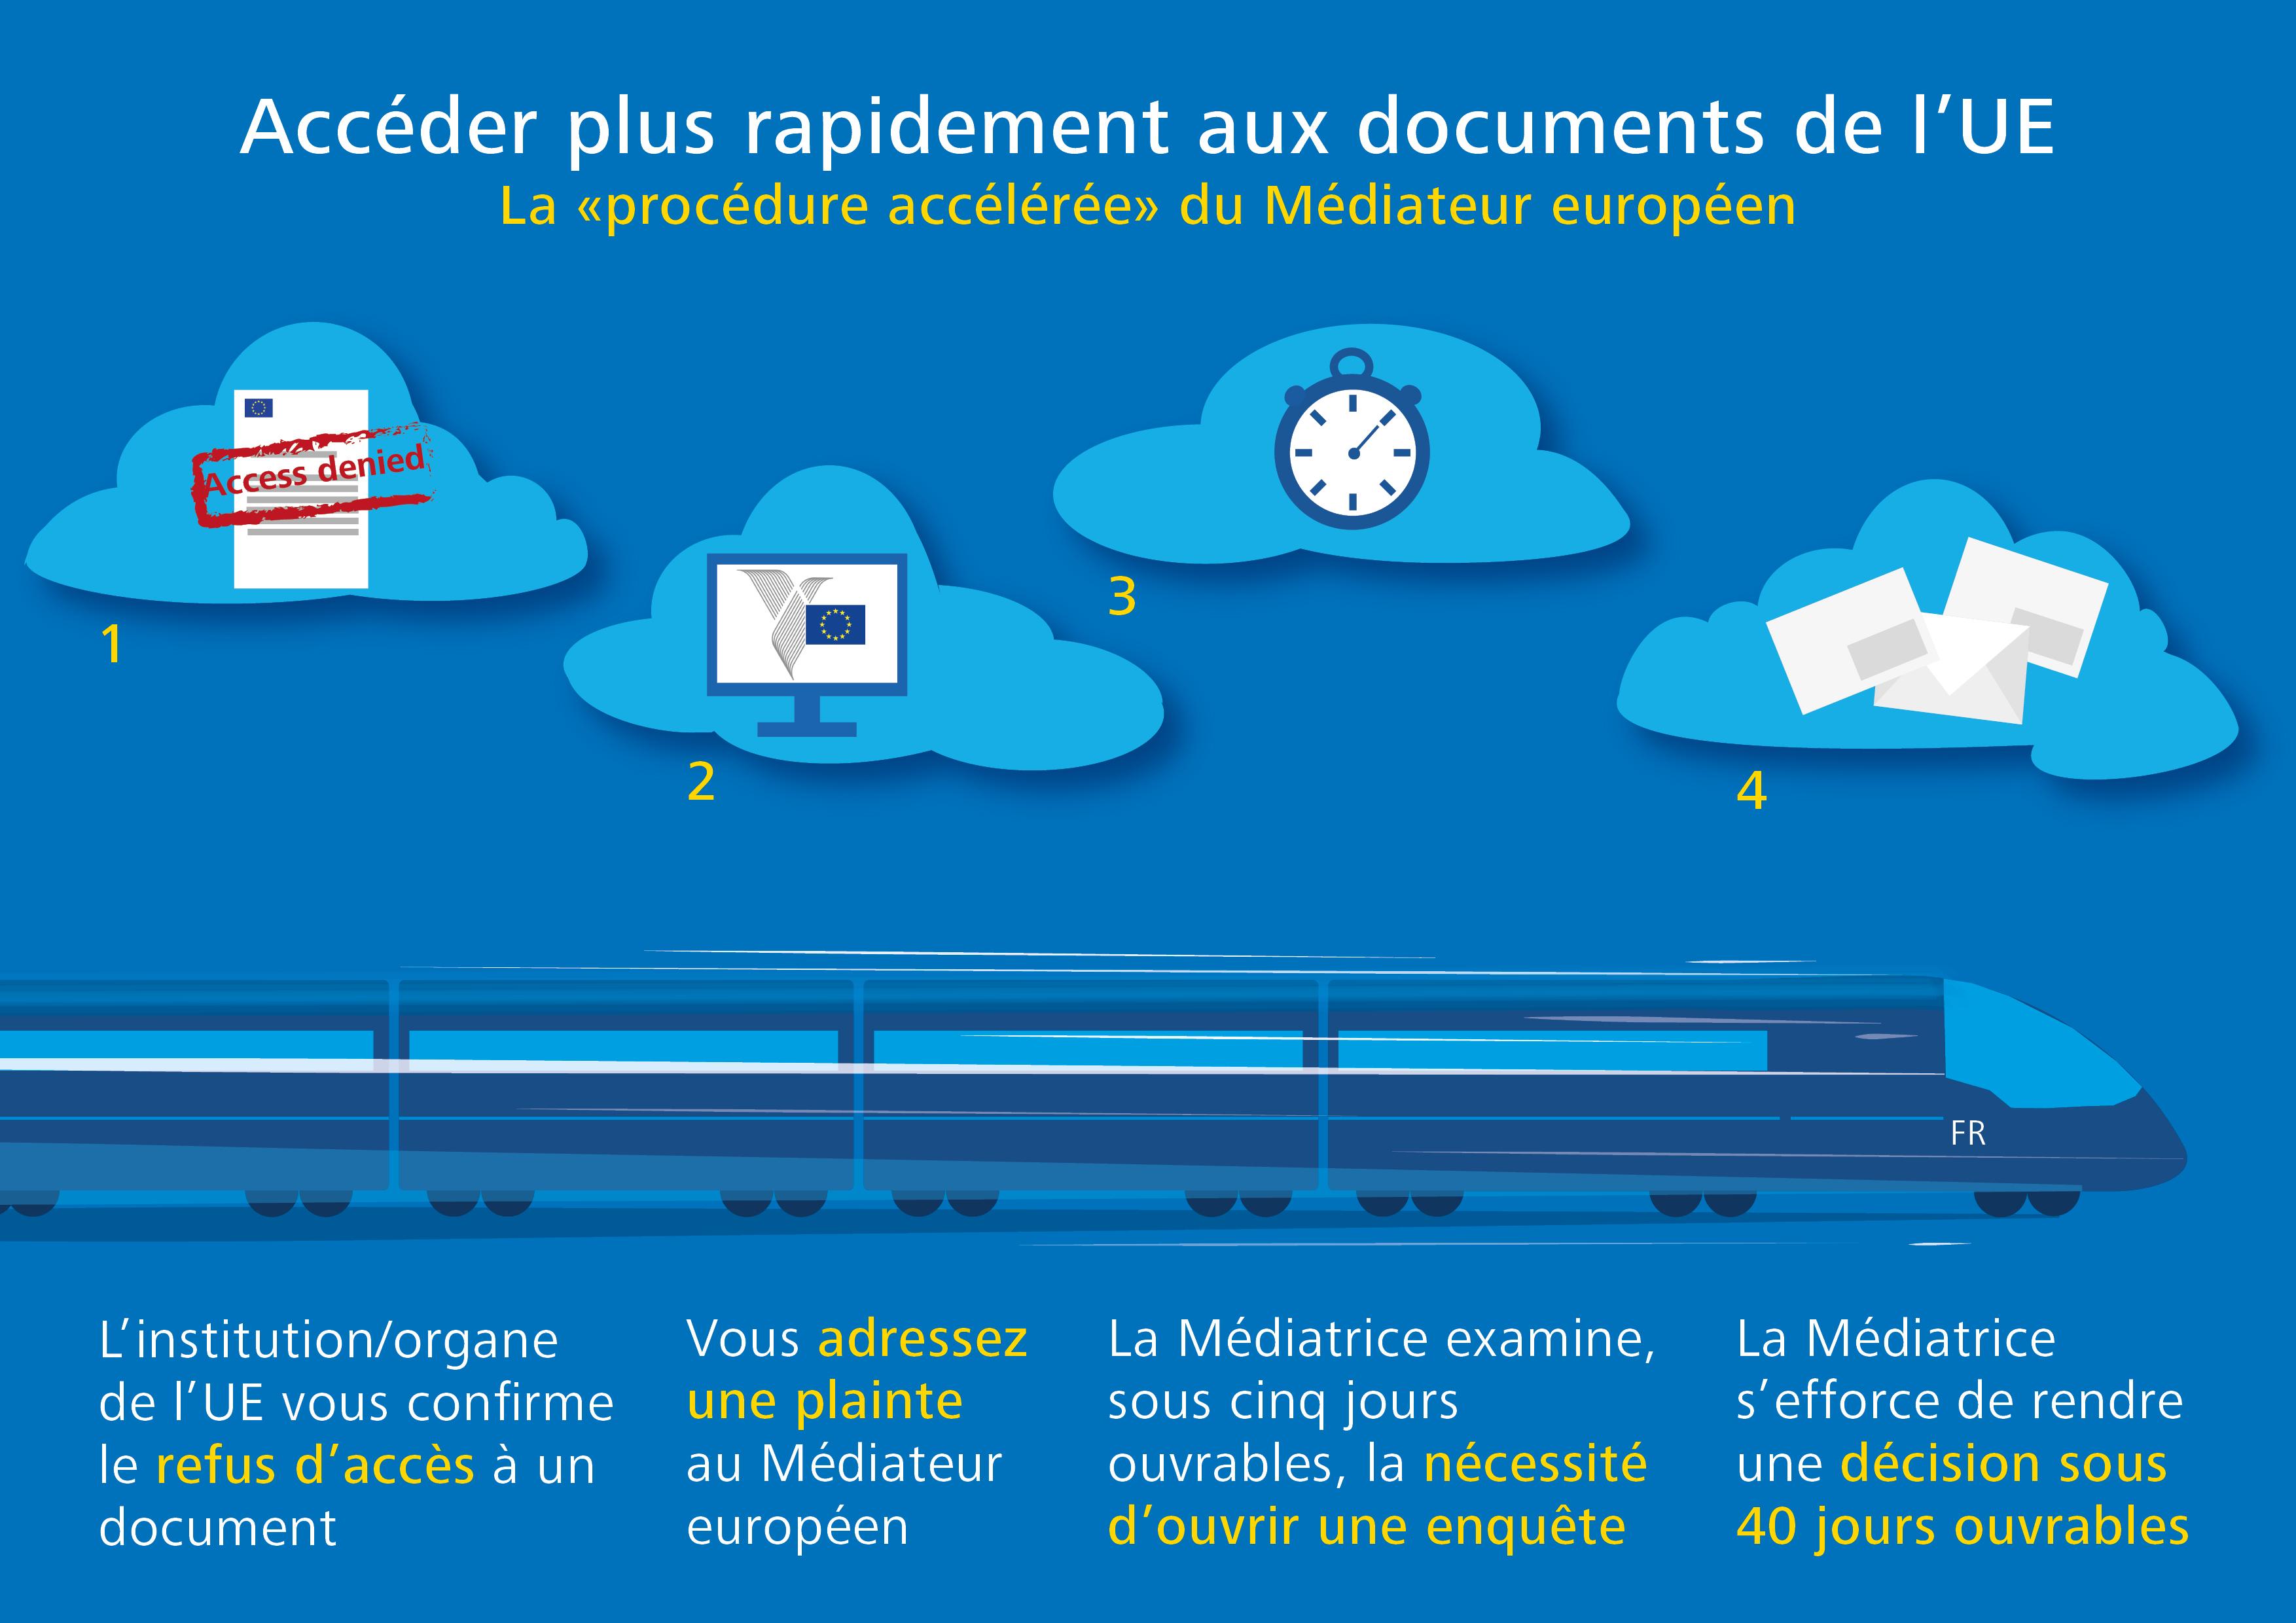 Accéder plus rapidement aux documents de l'UE